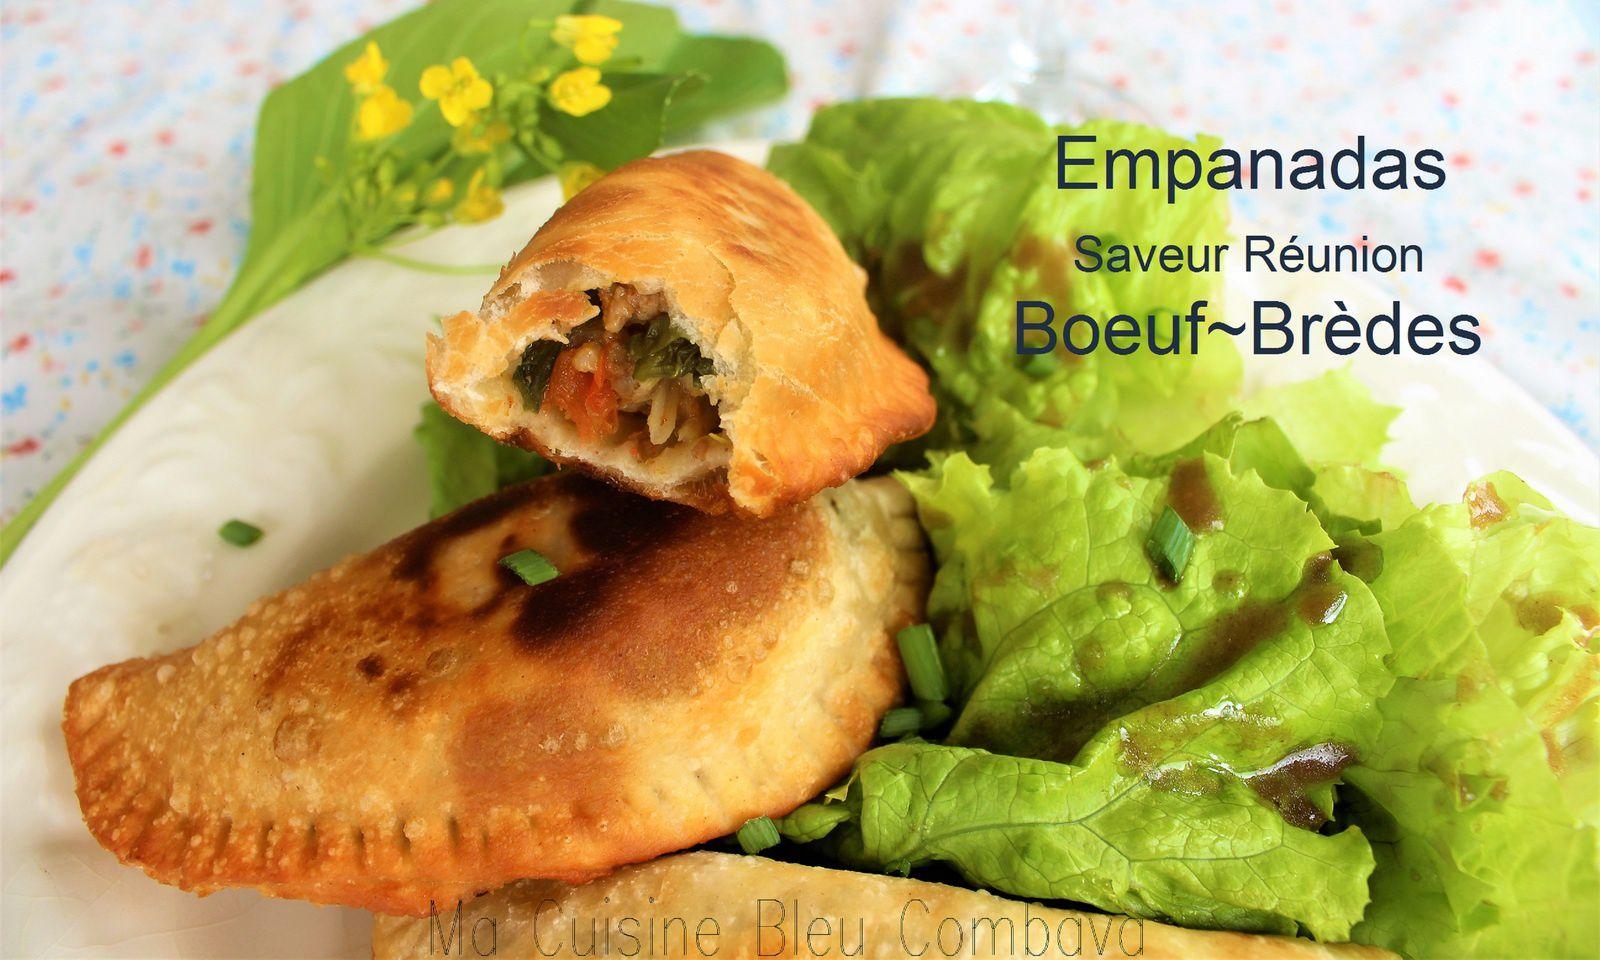 Empanadas, Saveurs Réunion, Boeuf~Brèdes